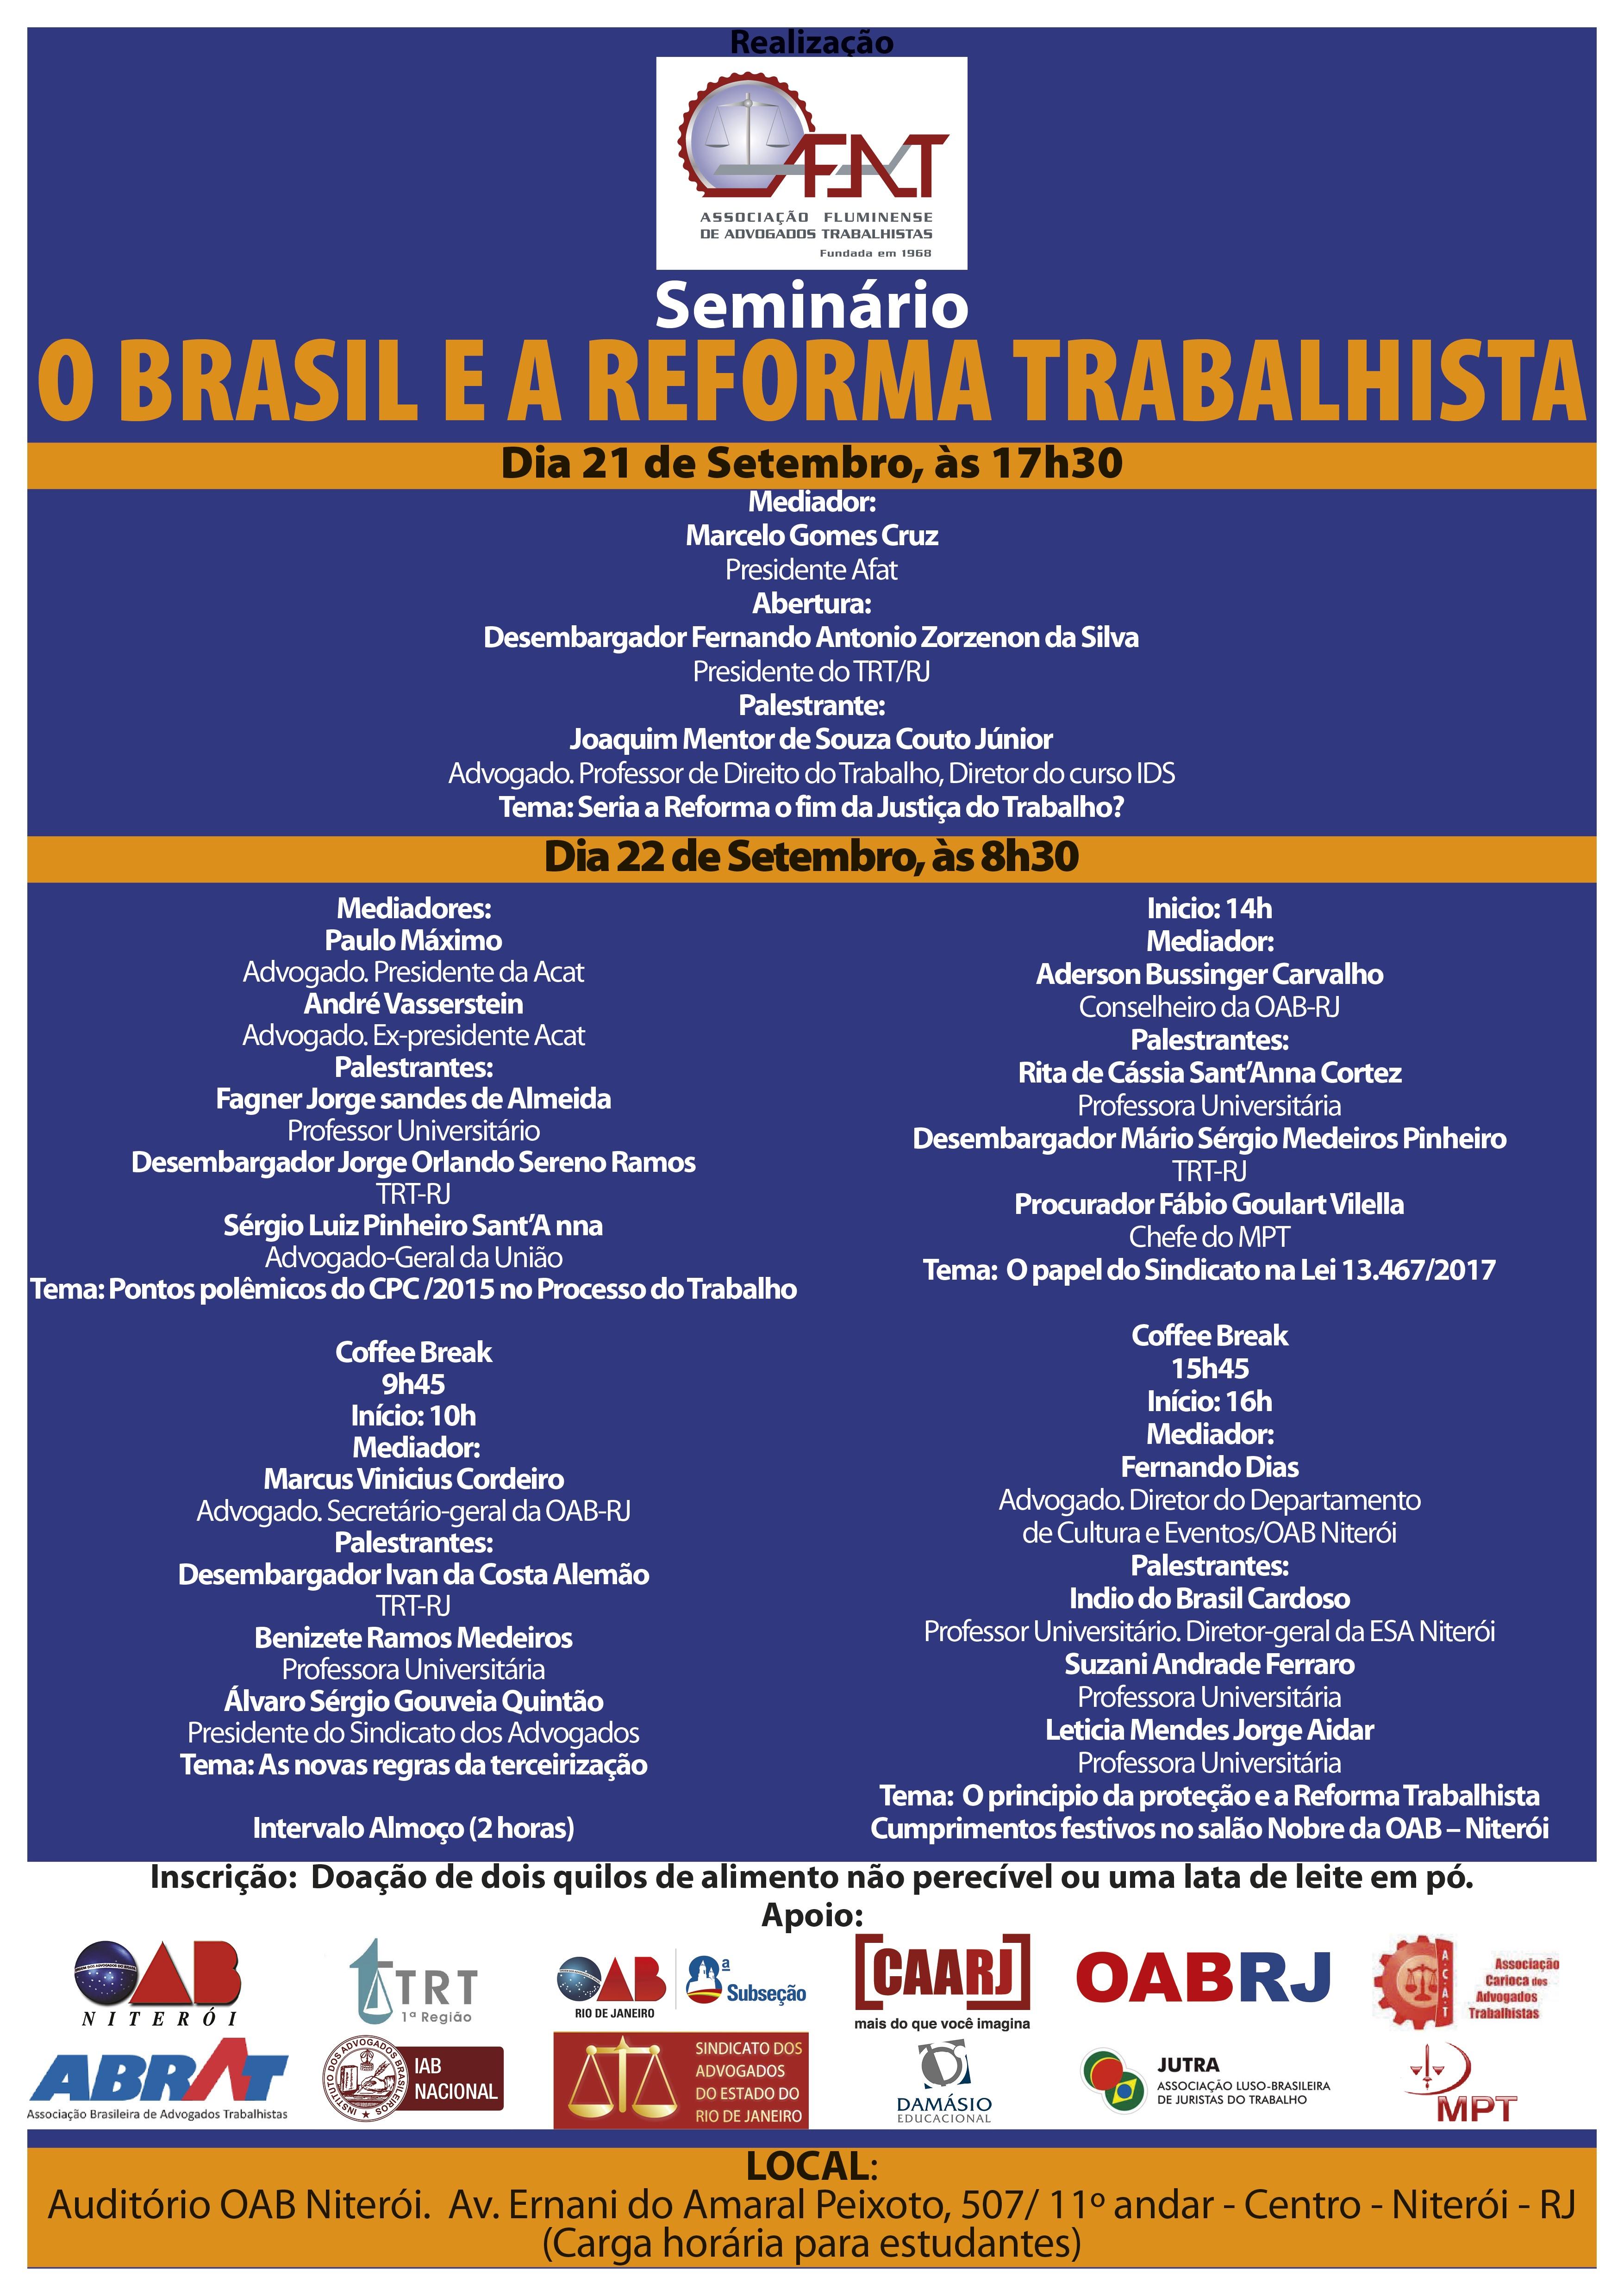 Rita Cortez será uma das palestrantes em seminário promovido pela AFAT/RJ